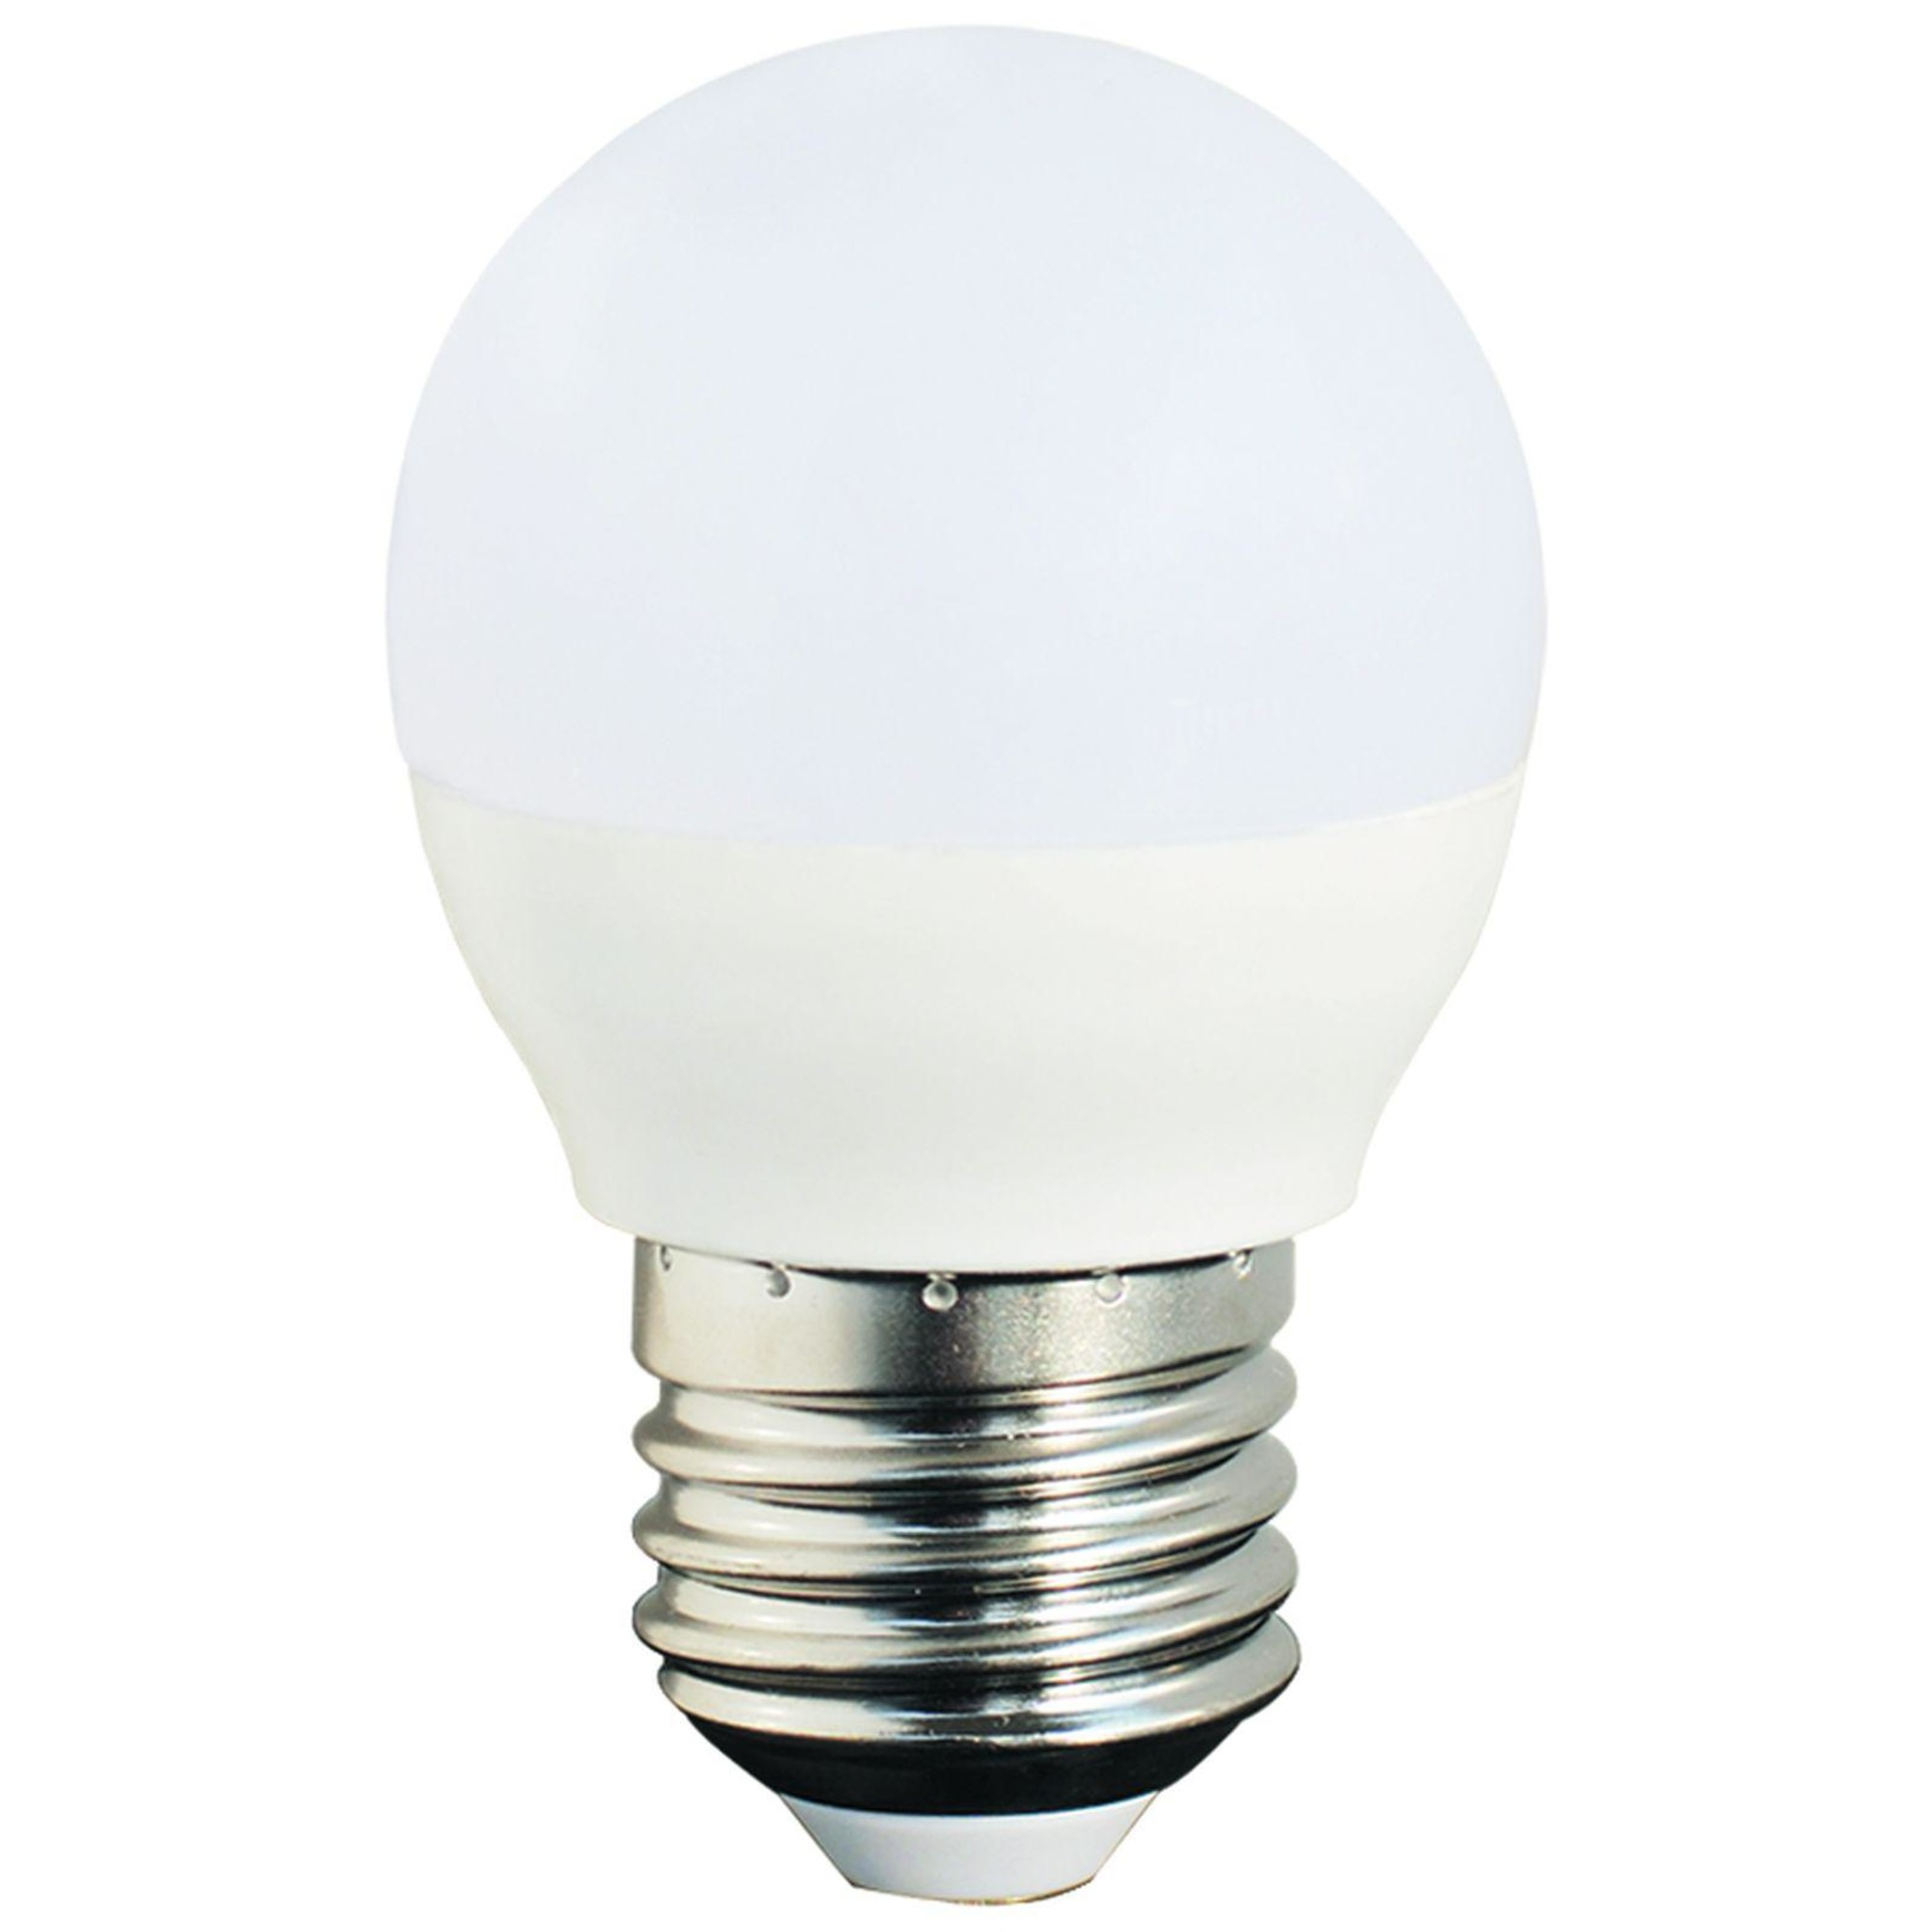 Лампа Ecola стандарт светодионая E27 7 Вт шар 490 Лм нейтральный свет